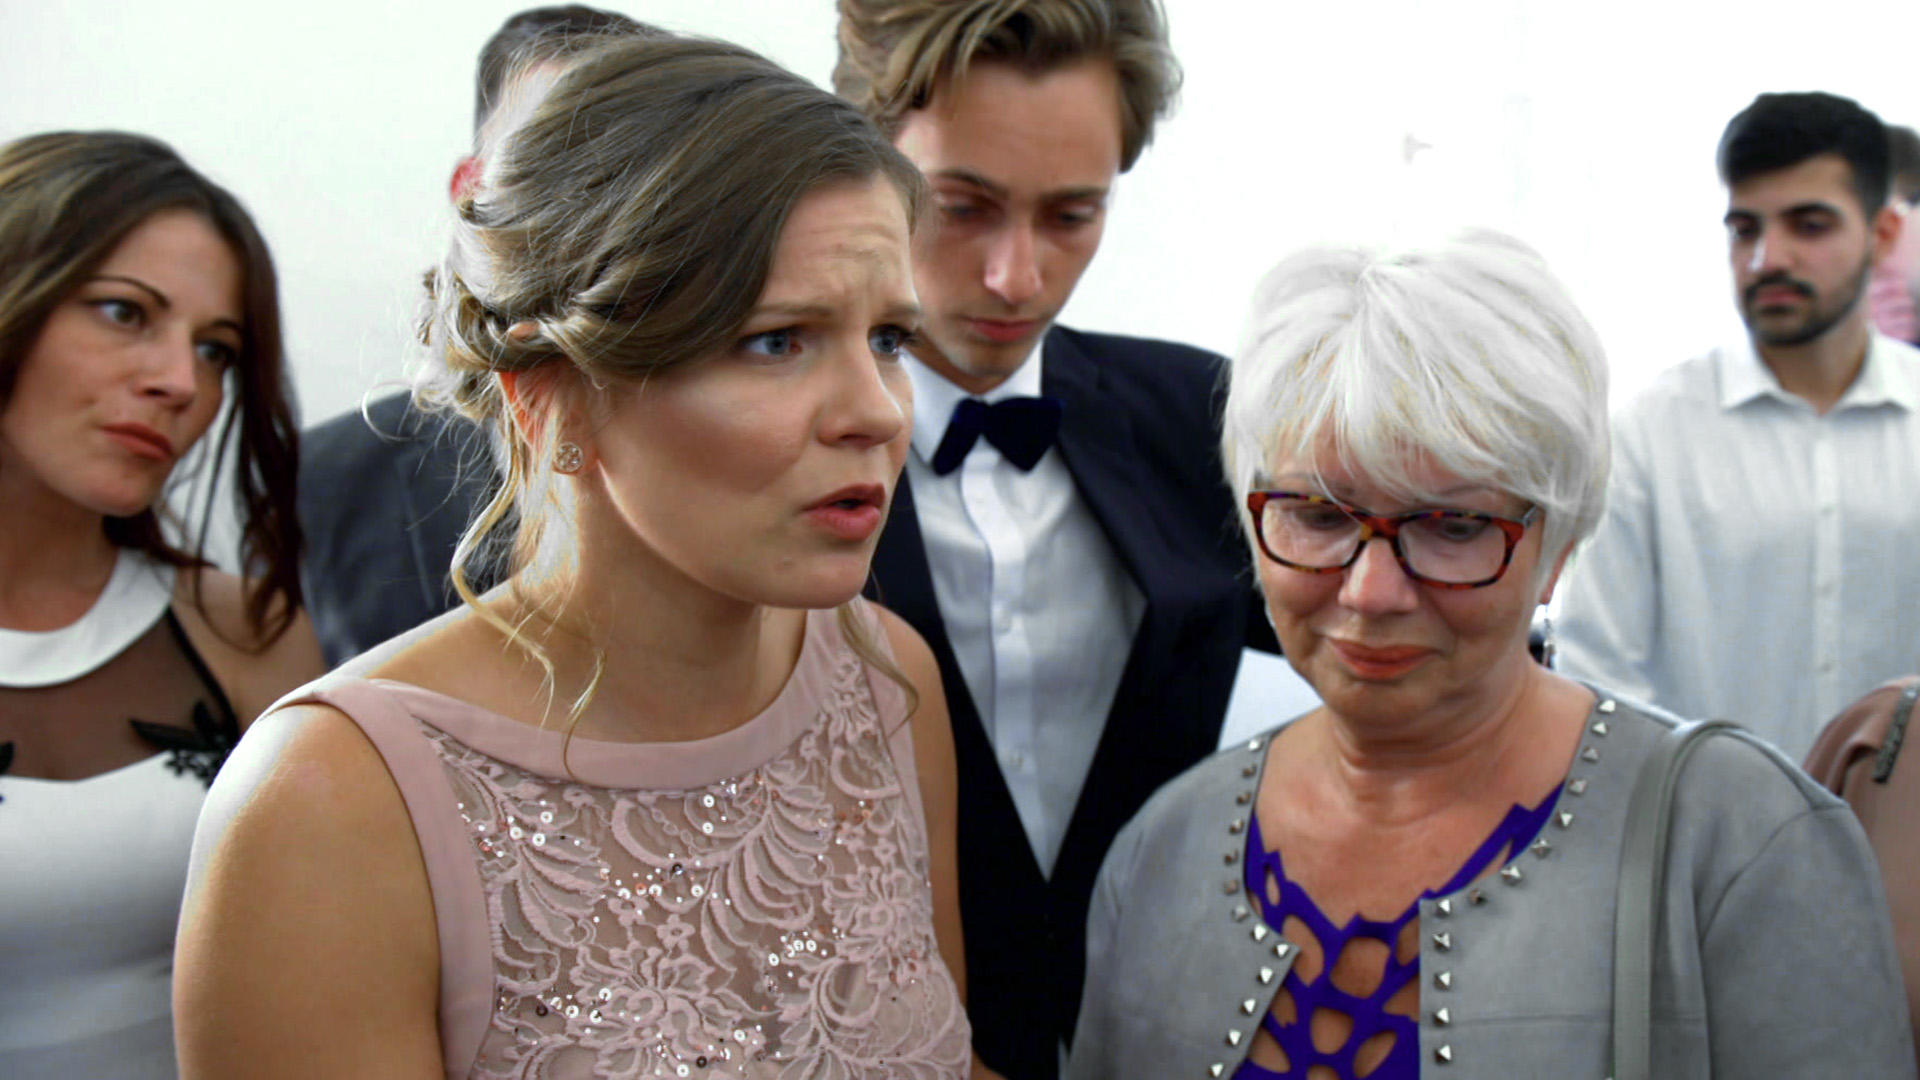 Bräutigam wird verdächtigt seine Verlobte gestalkt zu haben   Folge 3